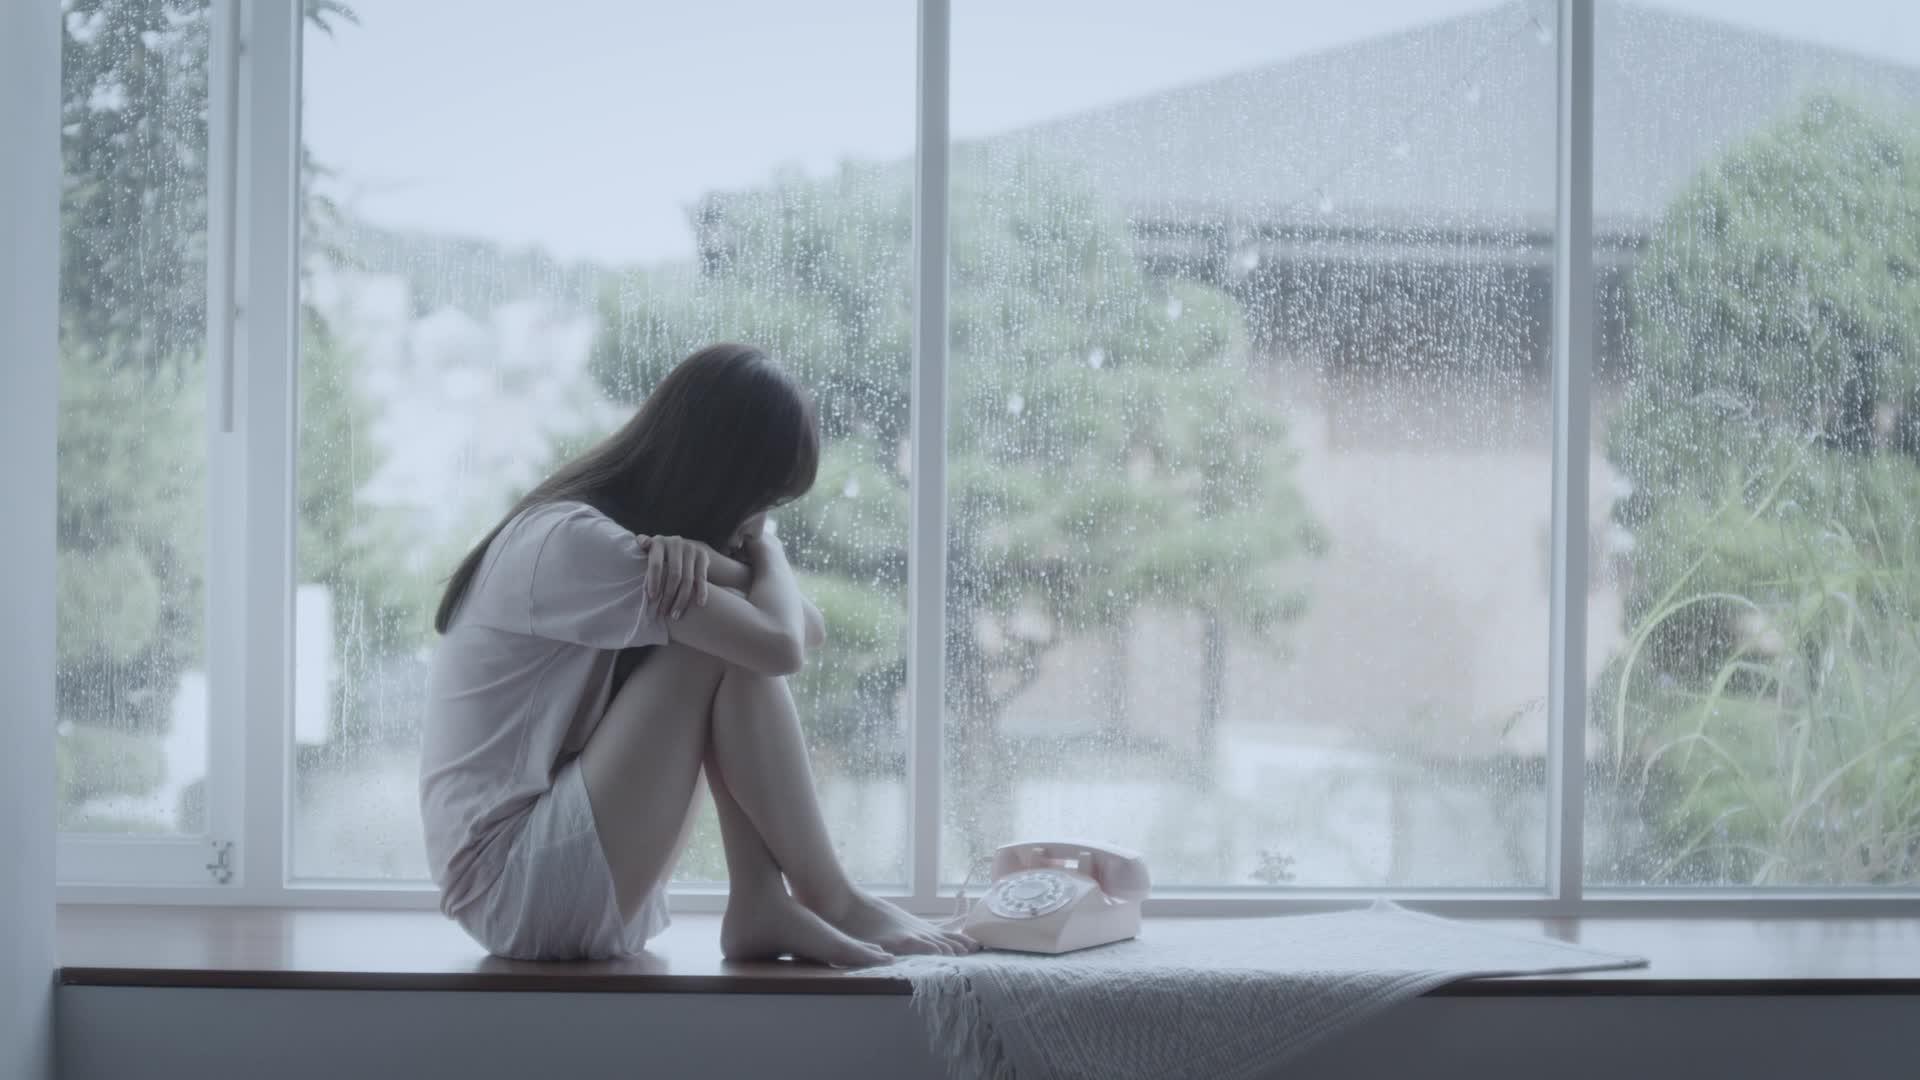 우수한(OOSU:HAN) Single '반딧불' M/V